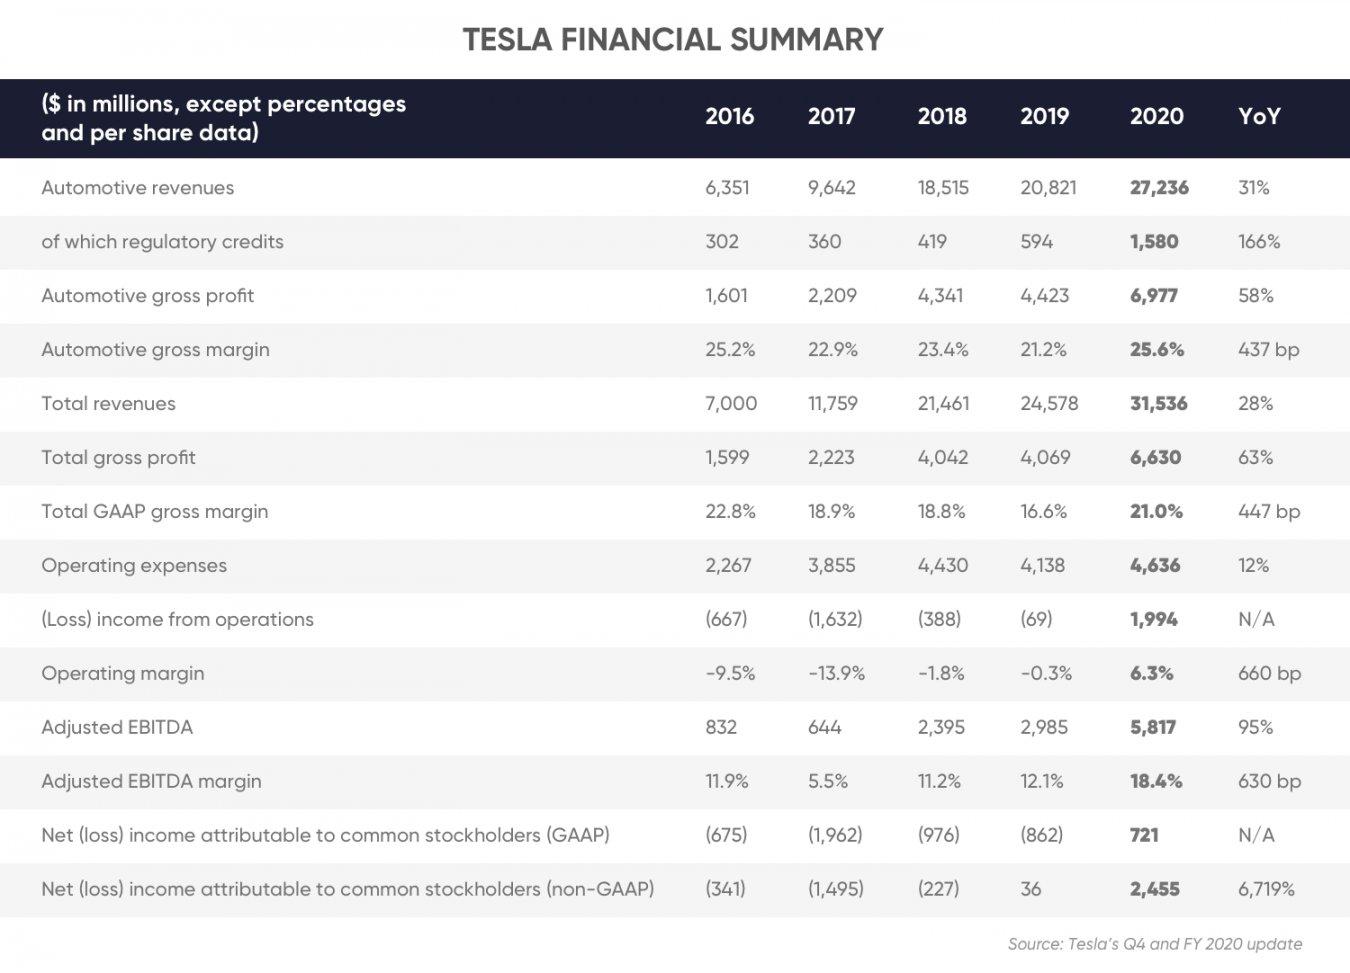 Wyniki finansowe Tesli w latach 2016-2020